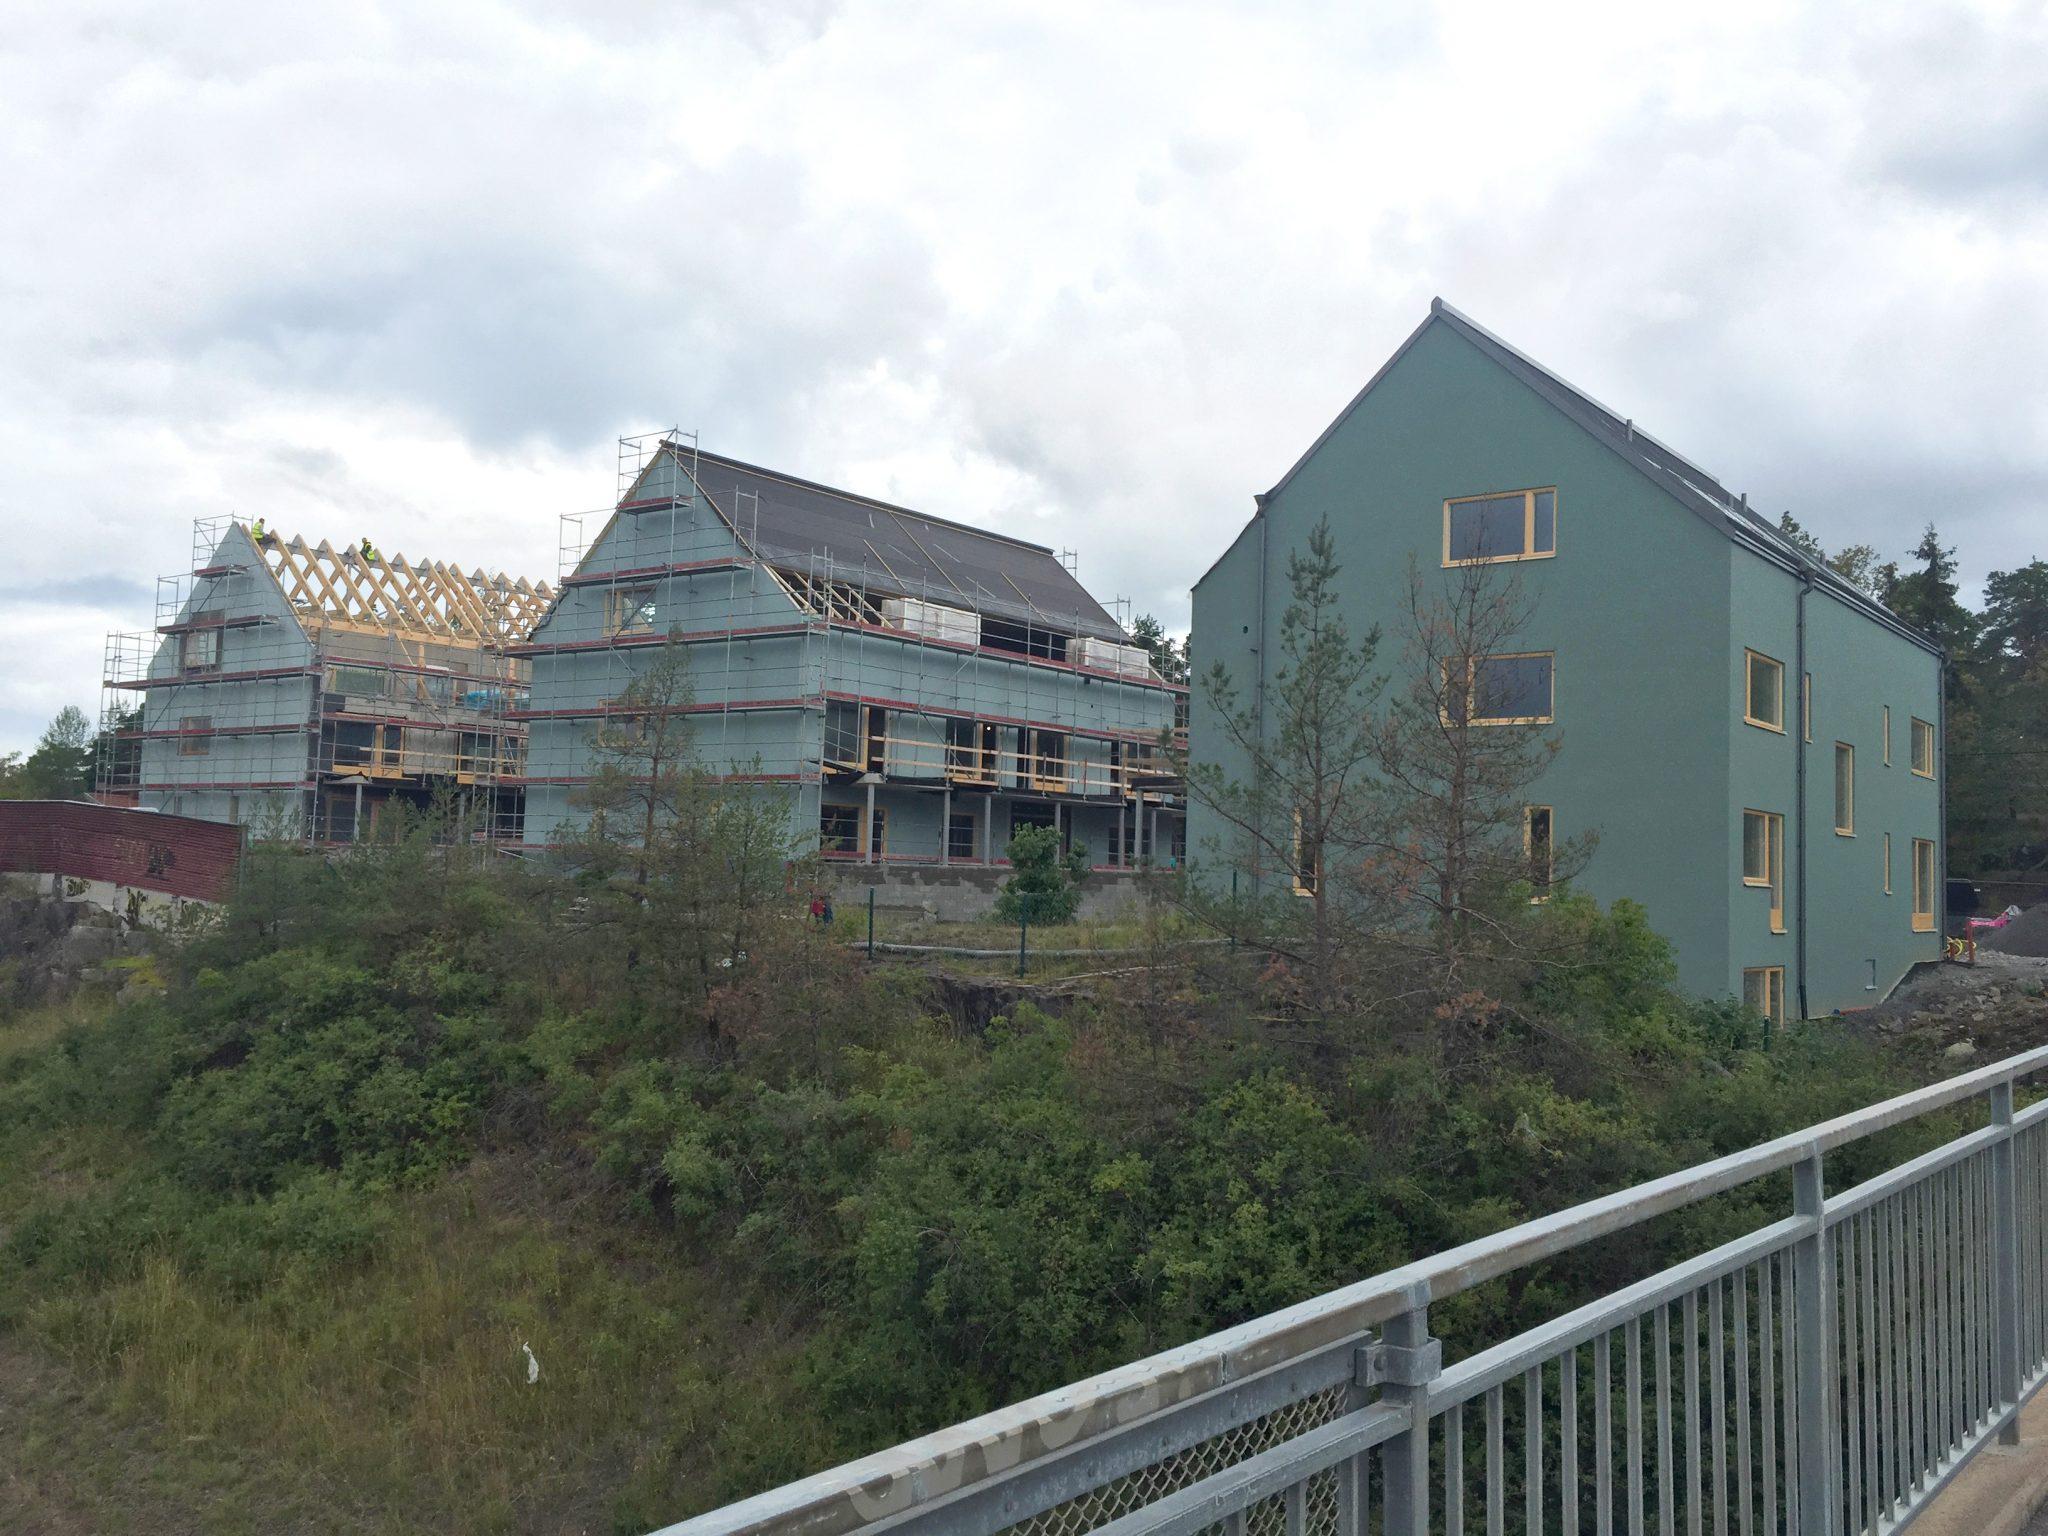 Bilder från bygget av tre platsbyggda flerbostadshus i Nacka. Ritade av arkitekterna på Rex Arkitektbyrå.